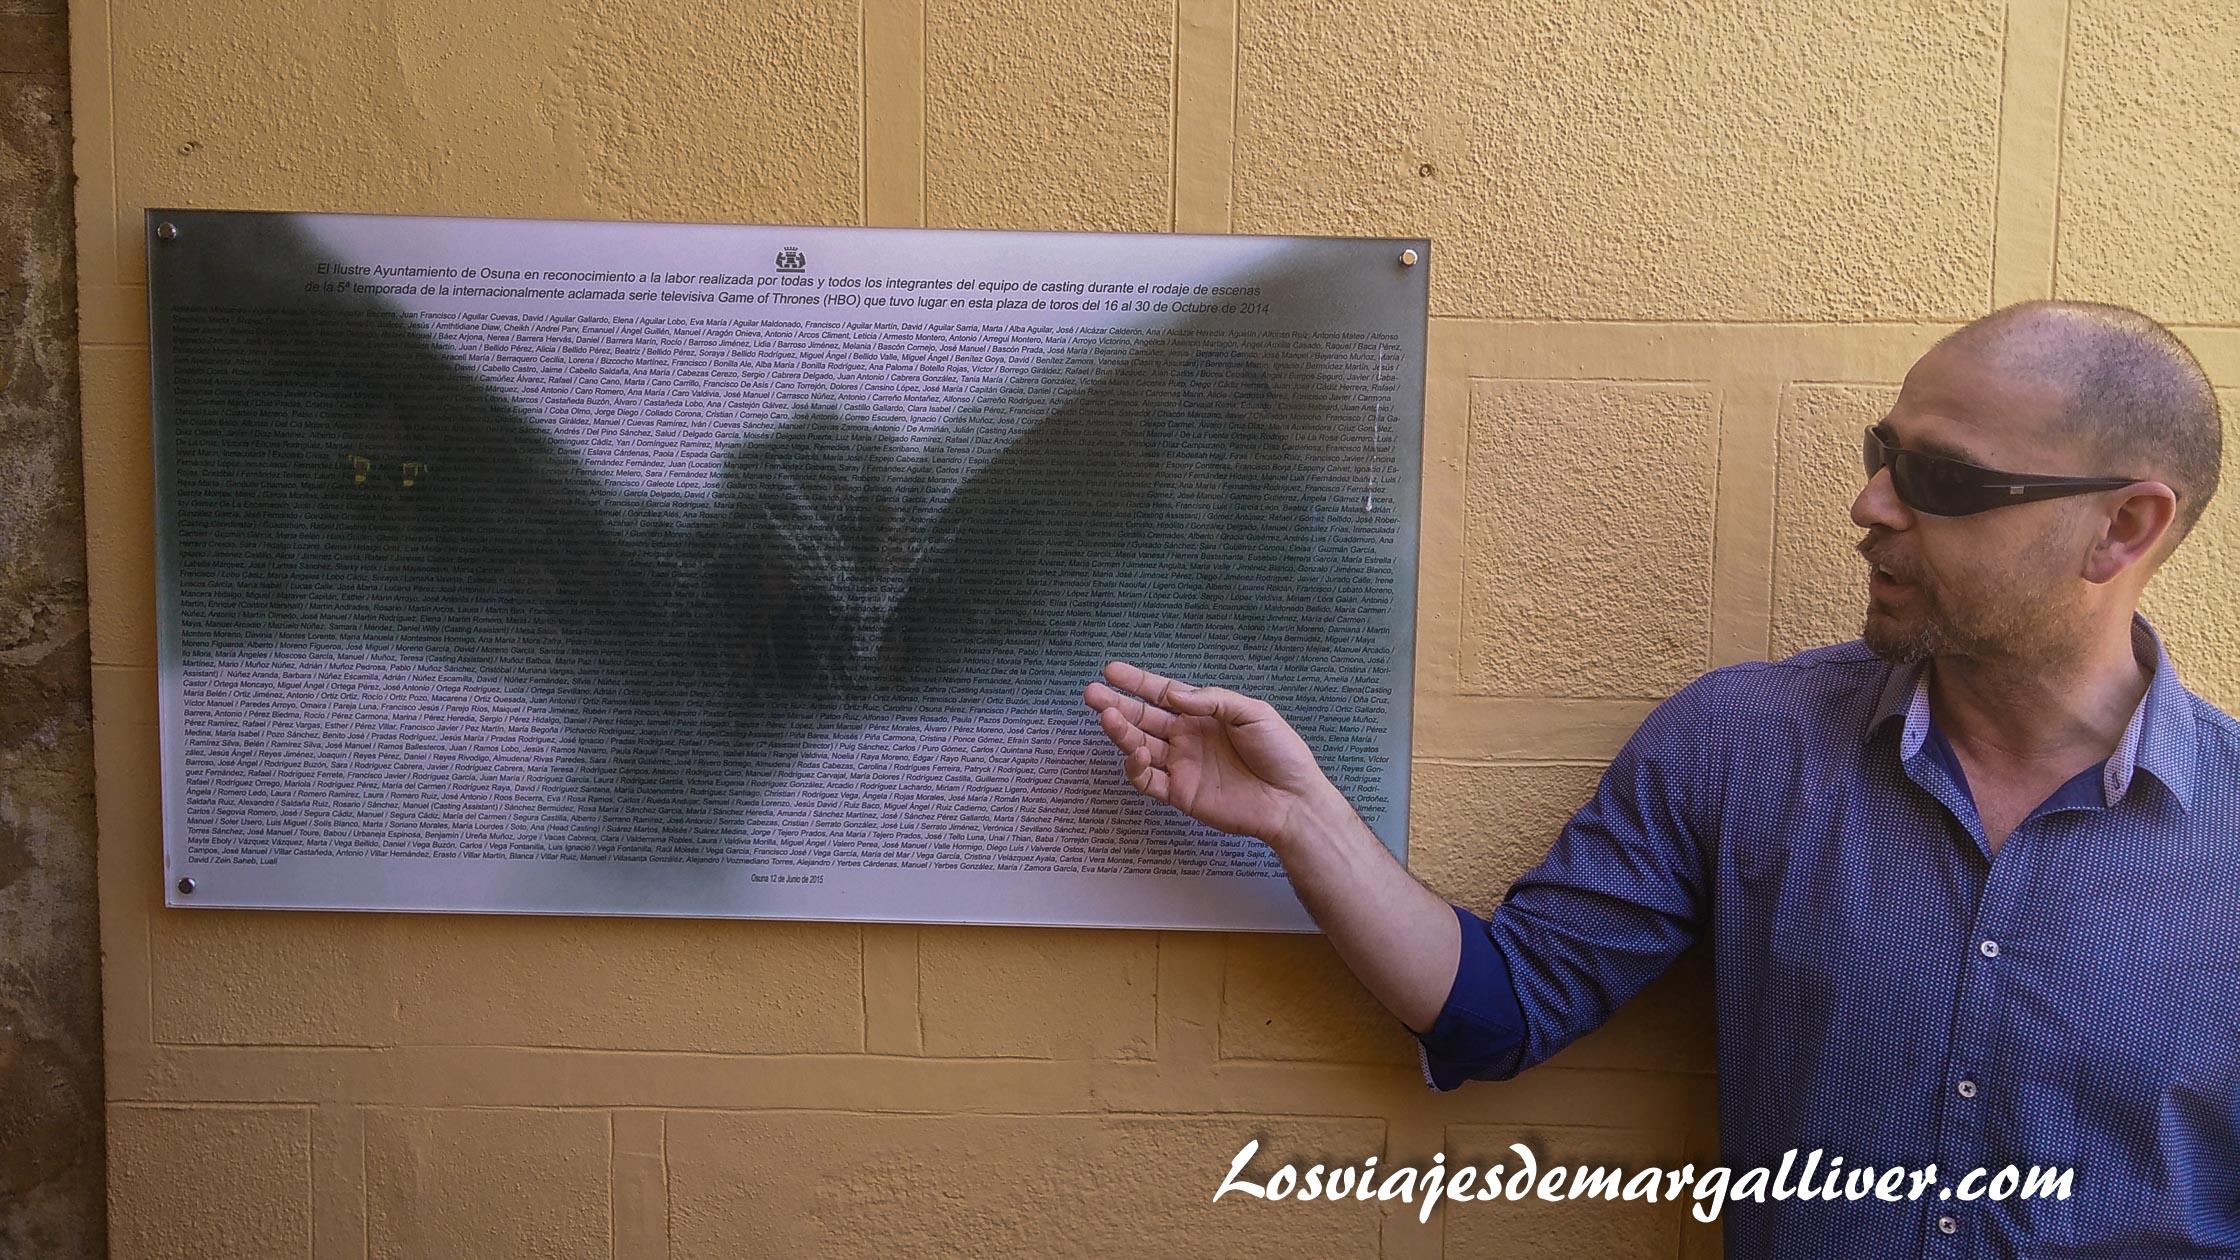 cartel agradecimiento a los extras del rodaje en Osuna , ruta juego de tronos - Los viajes de Margalliver